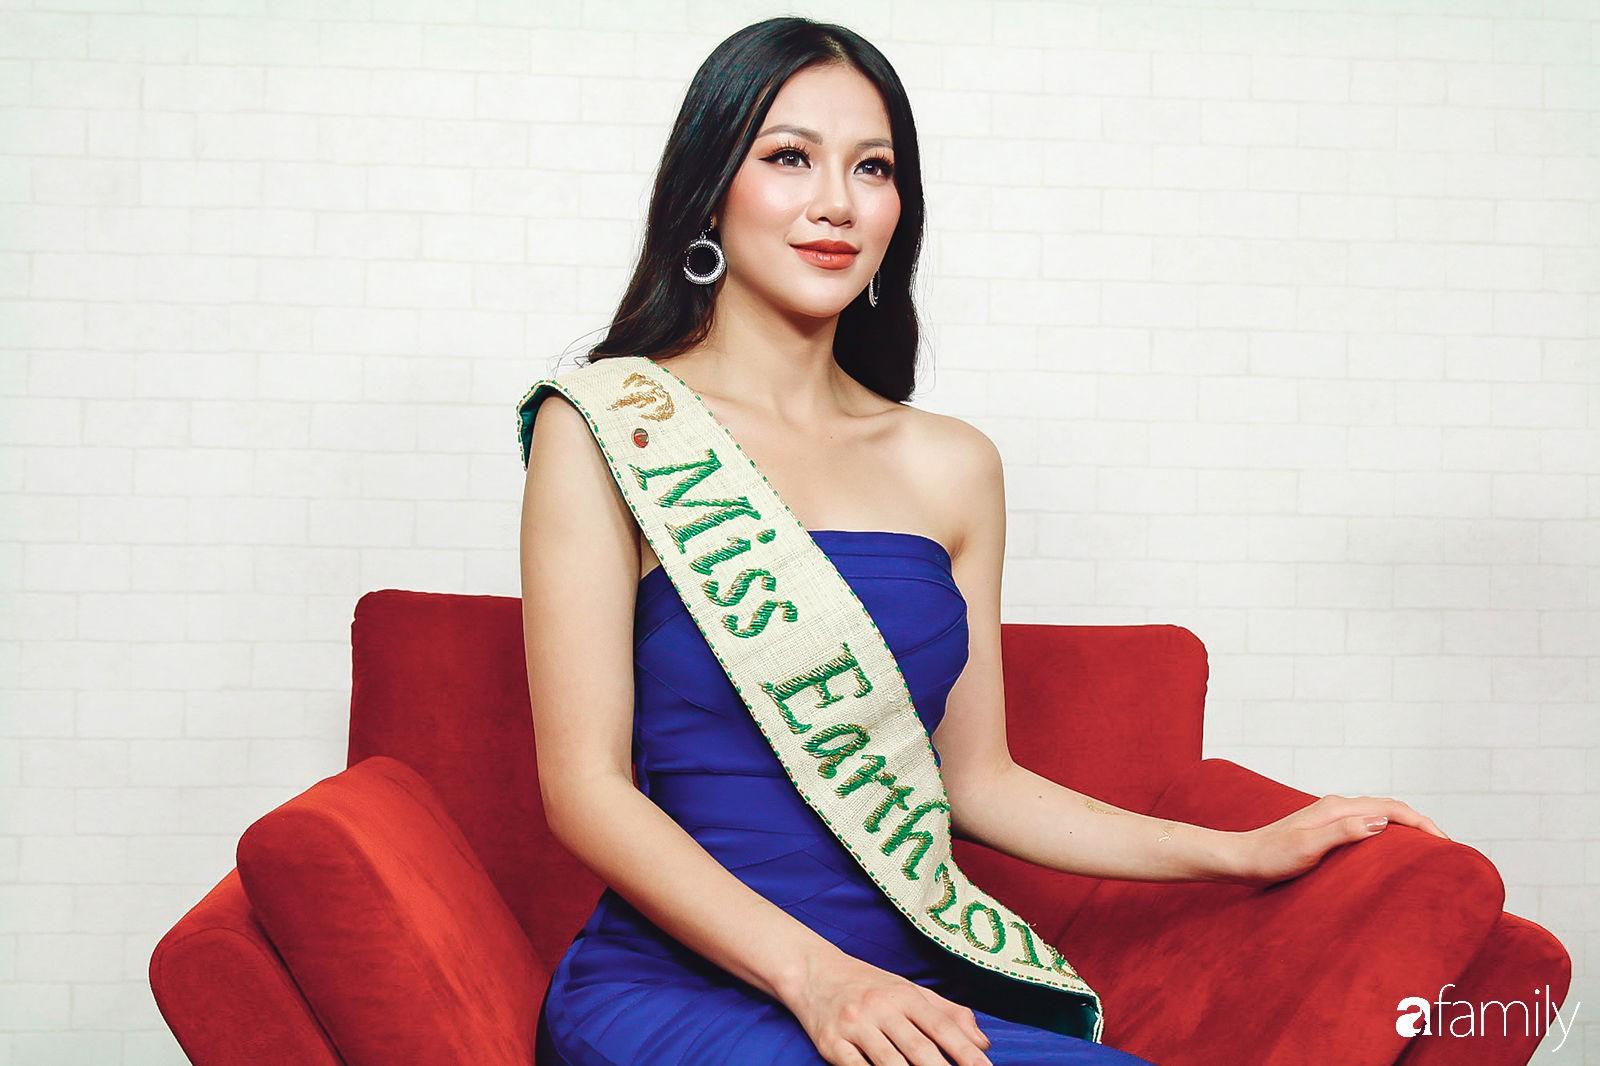 Phương Khánh đáp trả biệt danh em gái kết nghĩa của Ngọc Trinh: Bây giờ tôi là Hoa hậu Trái đất!-3